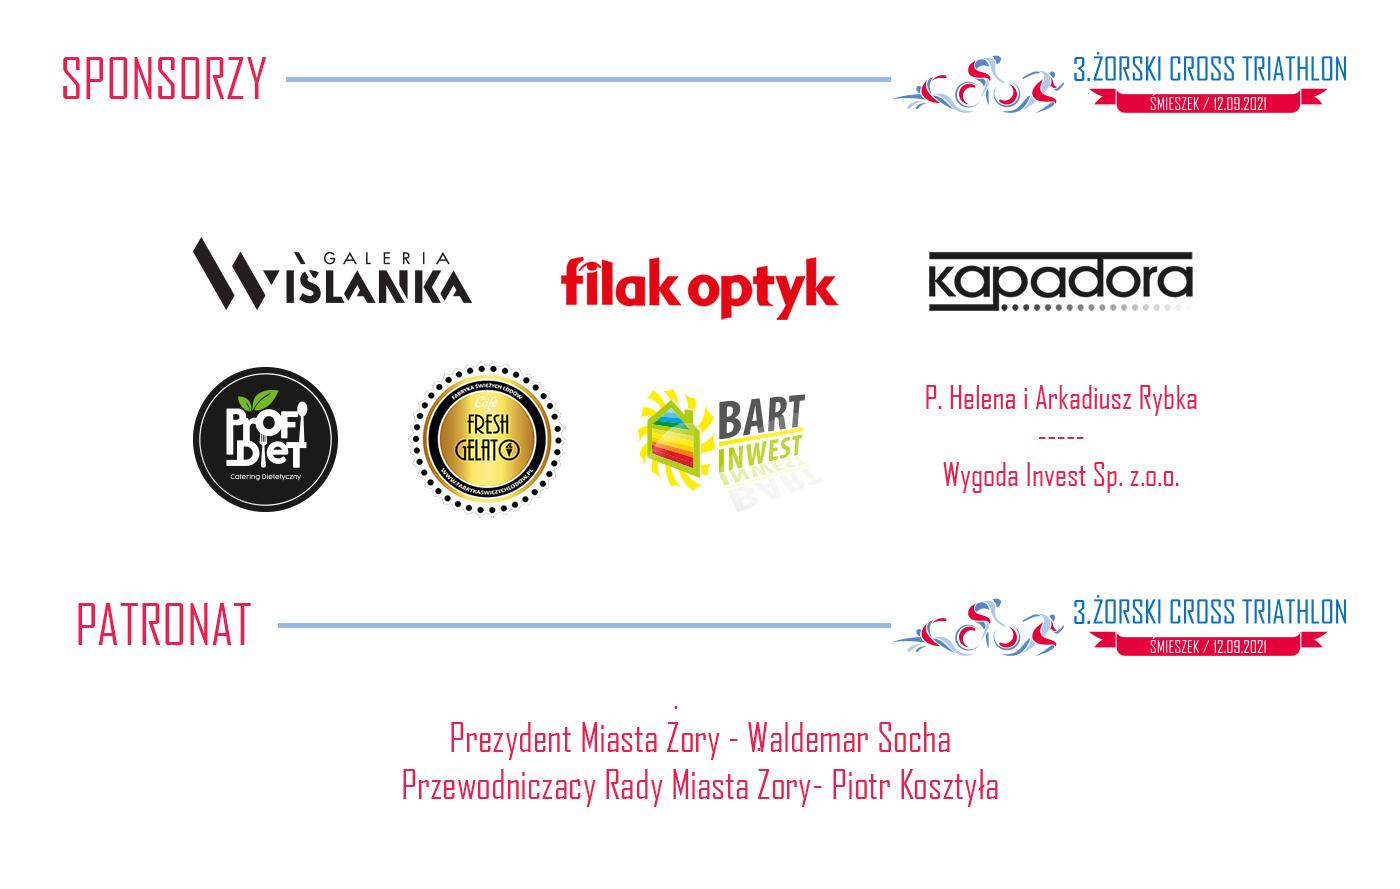 grafika przedstawia logotypy sponsorów wydarzenia na białym tle